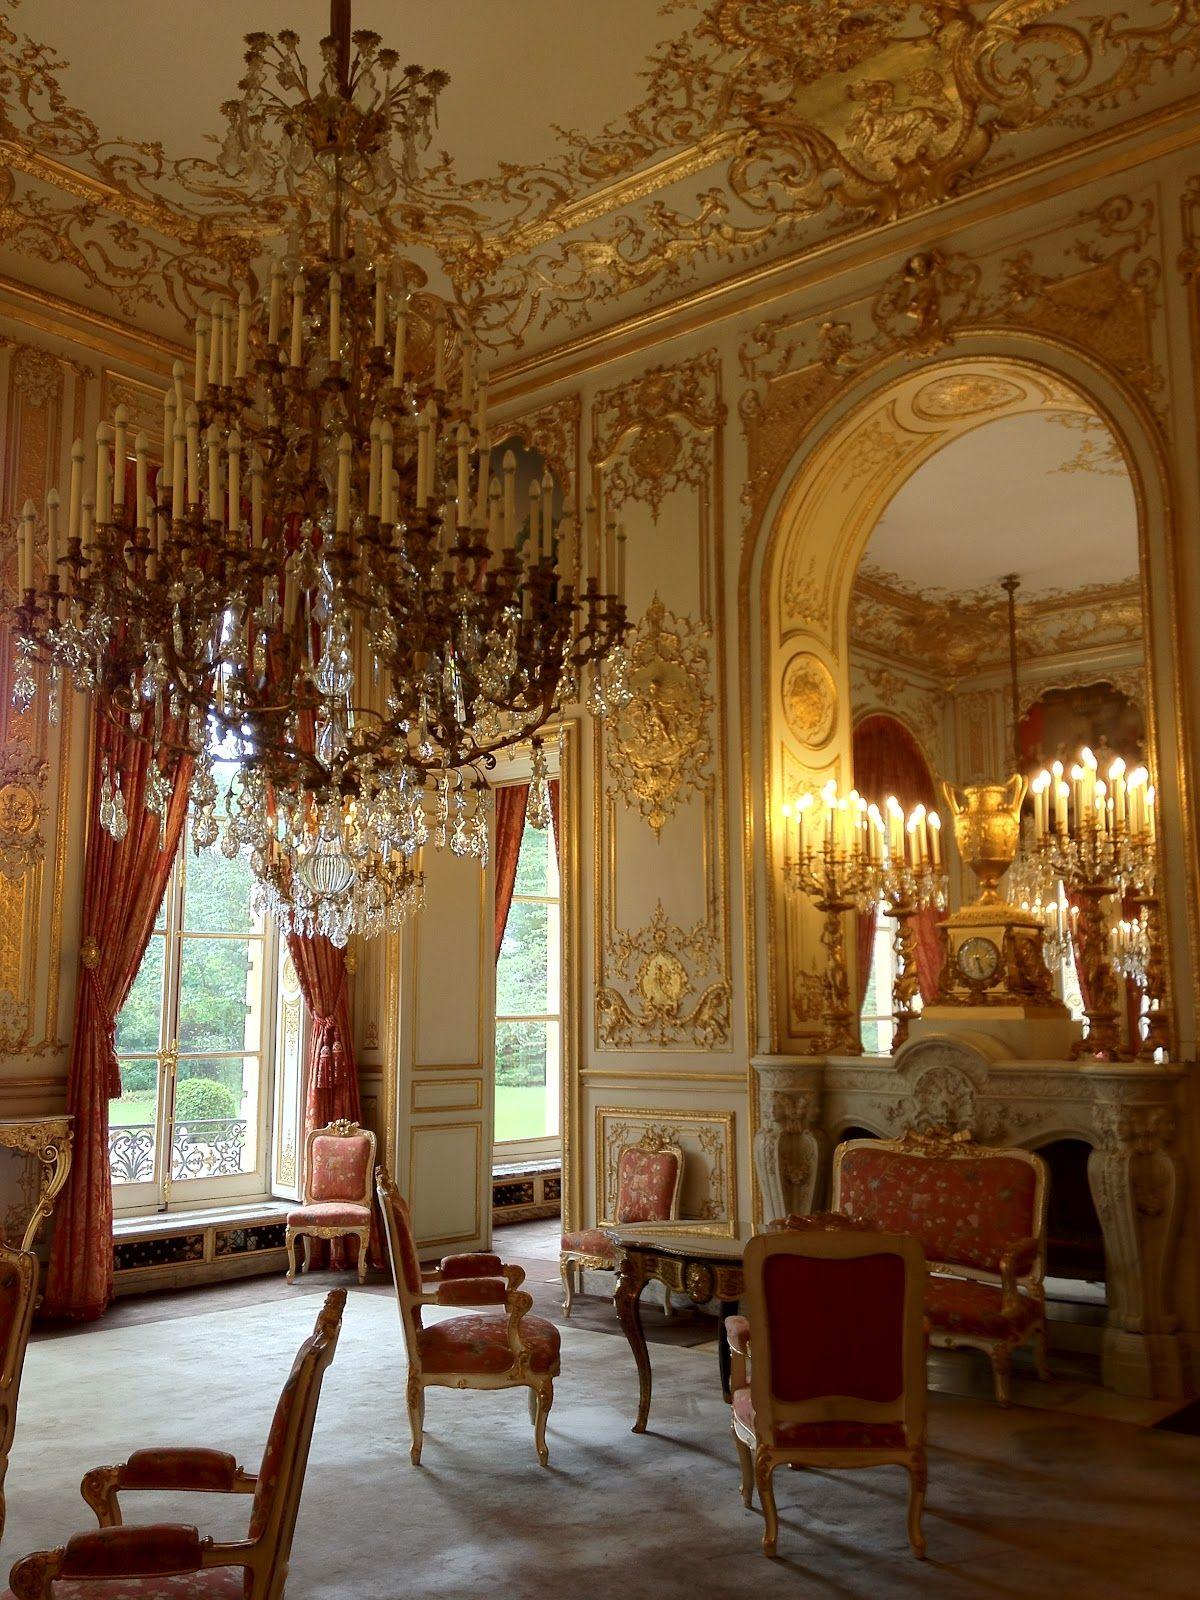 Hotel de lassay paris salon des elments jules for Hotel design paris 8